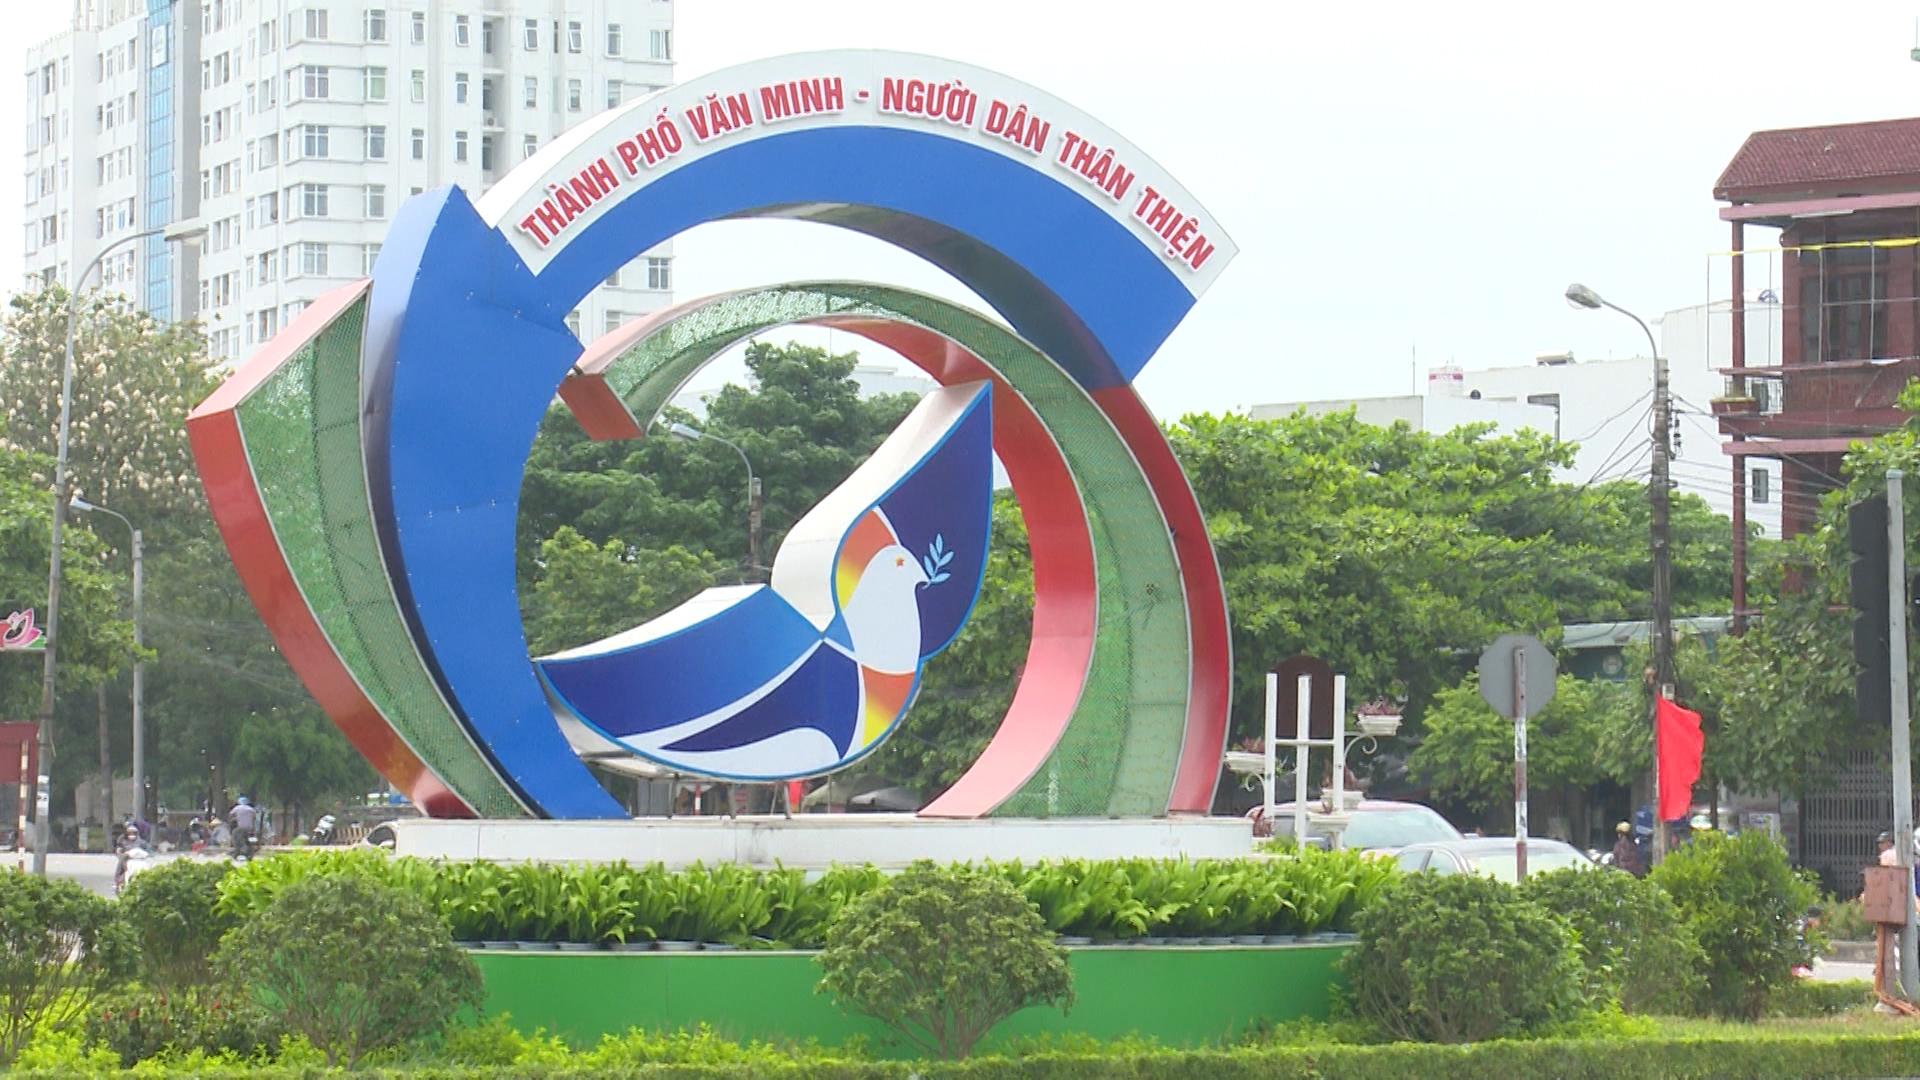 Thái Bình: Các cơ sở kinh doanh dịch vụ ăn, uống được phục vụ tại chỗ từ 15/9